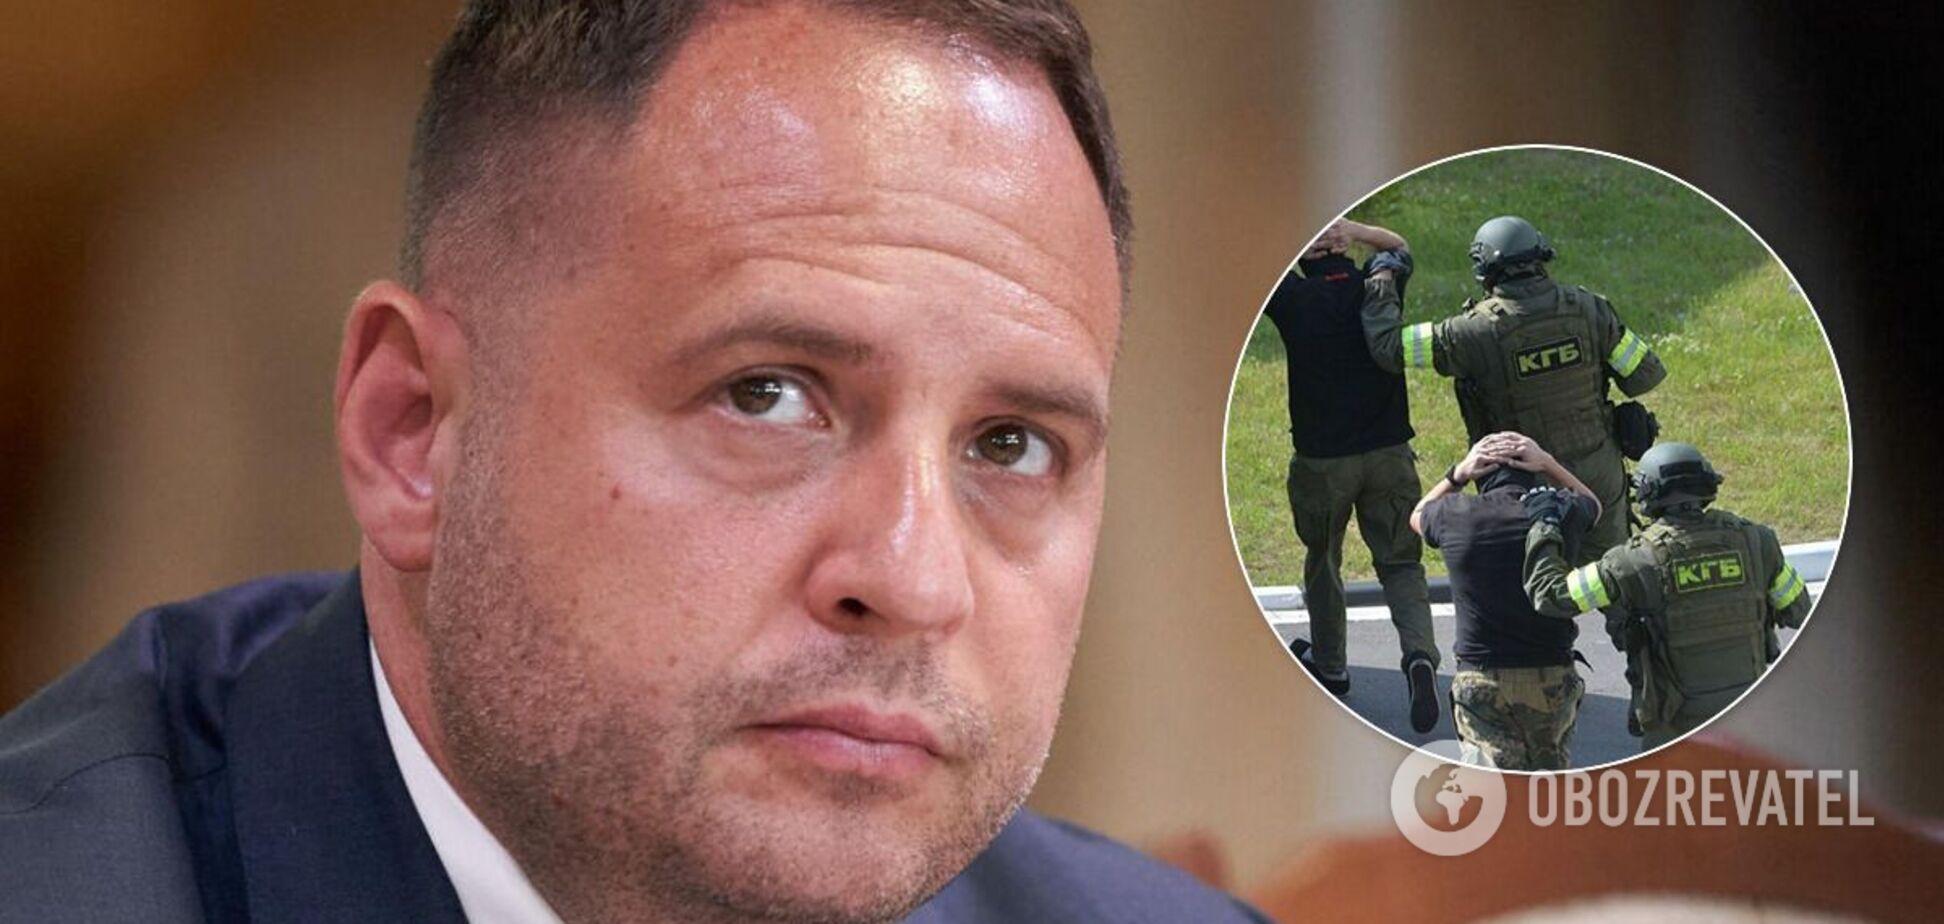 Єрмак безпосередньо причетний до зриву операції із затримання 'вагнерівців', – Бутусов